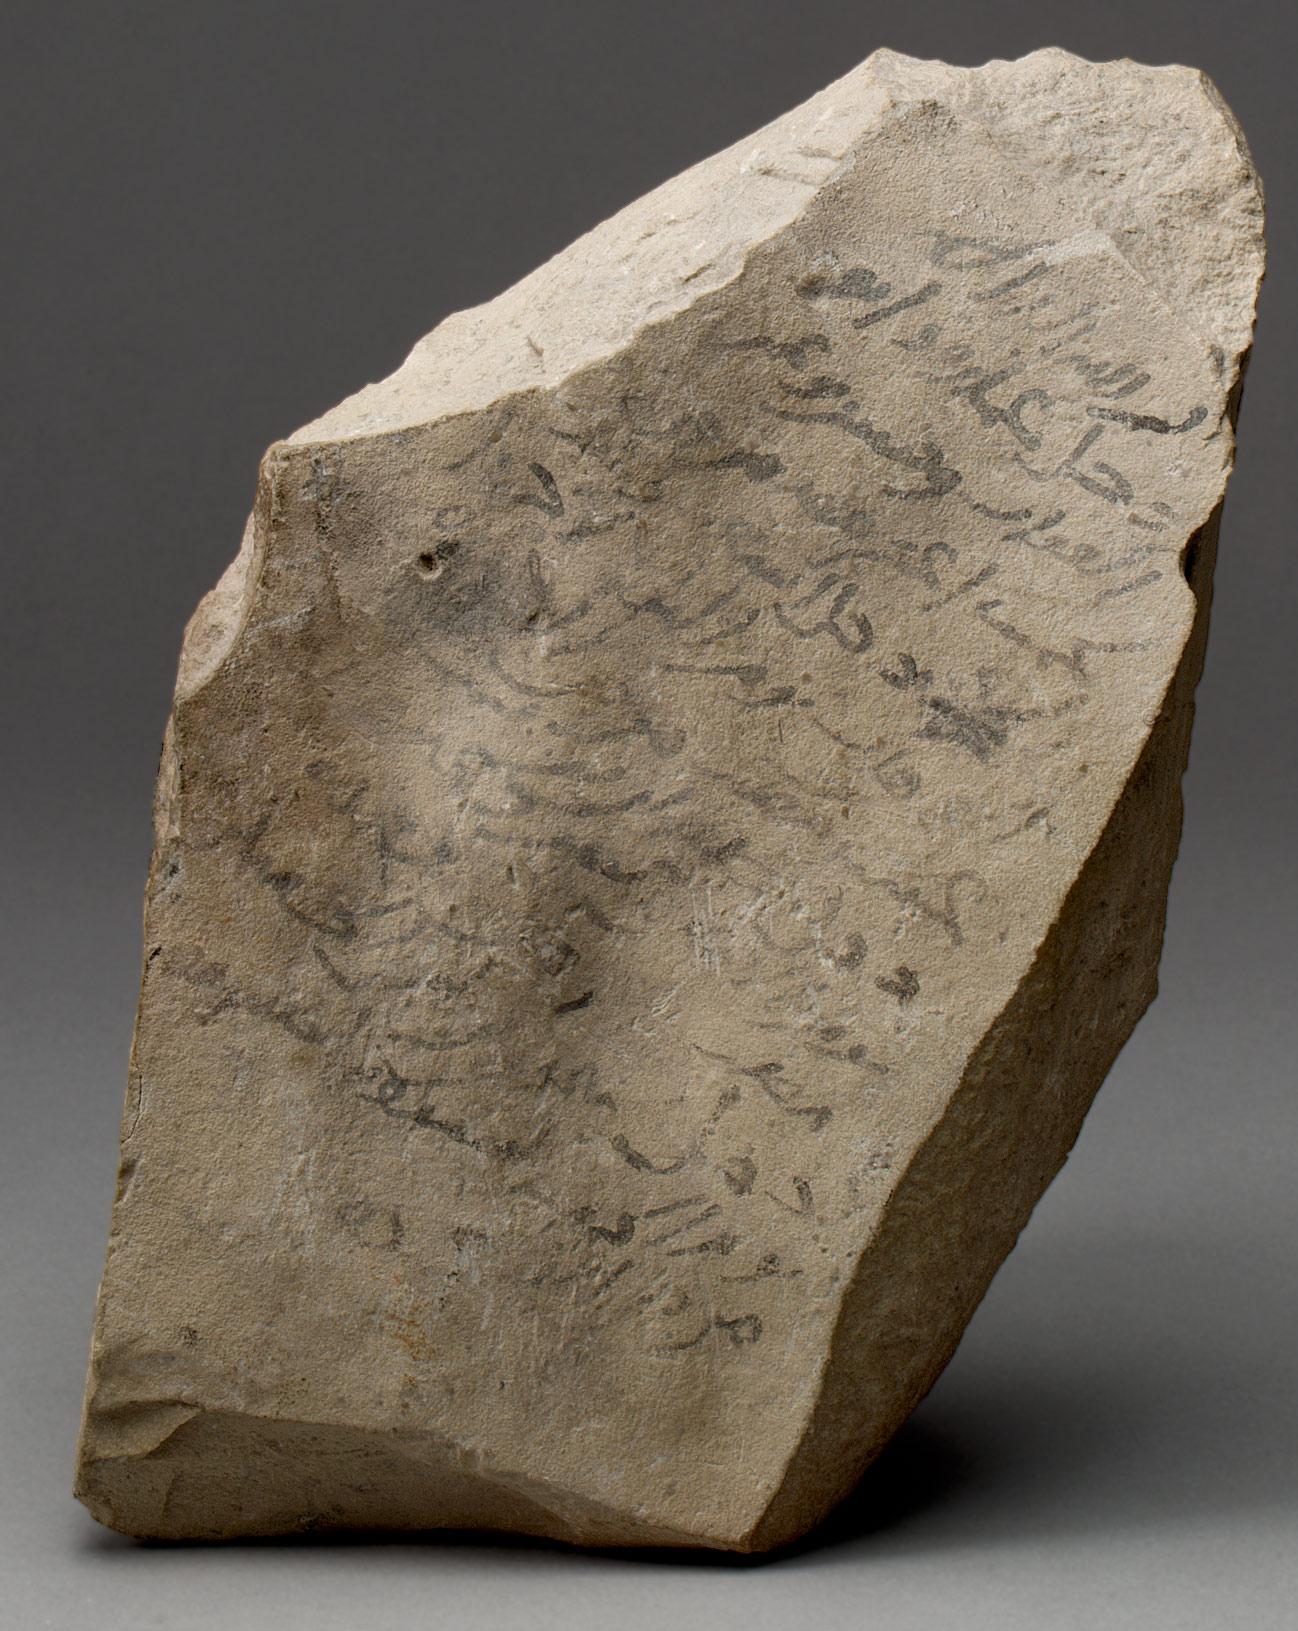 Inscribed Slab Syria 6681 Heilbrunn Timeline of Art History